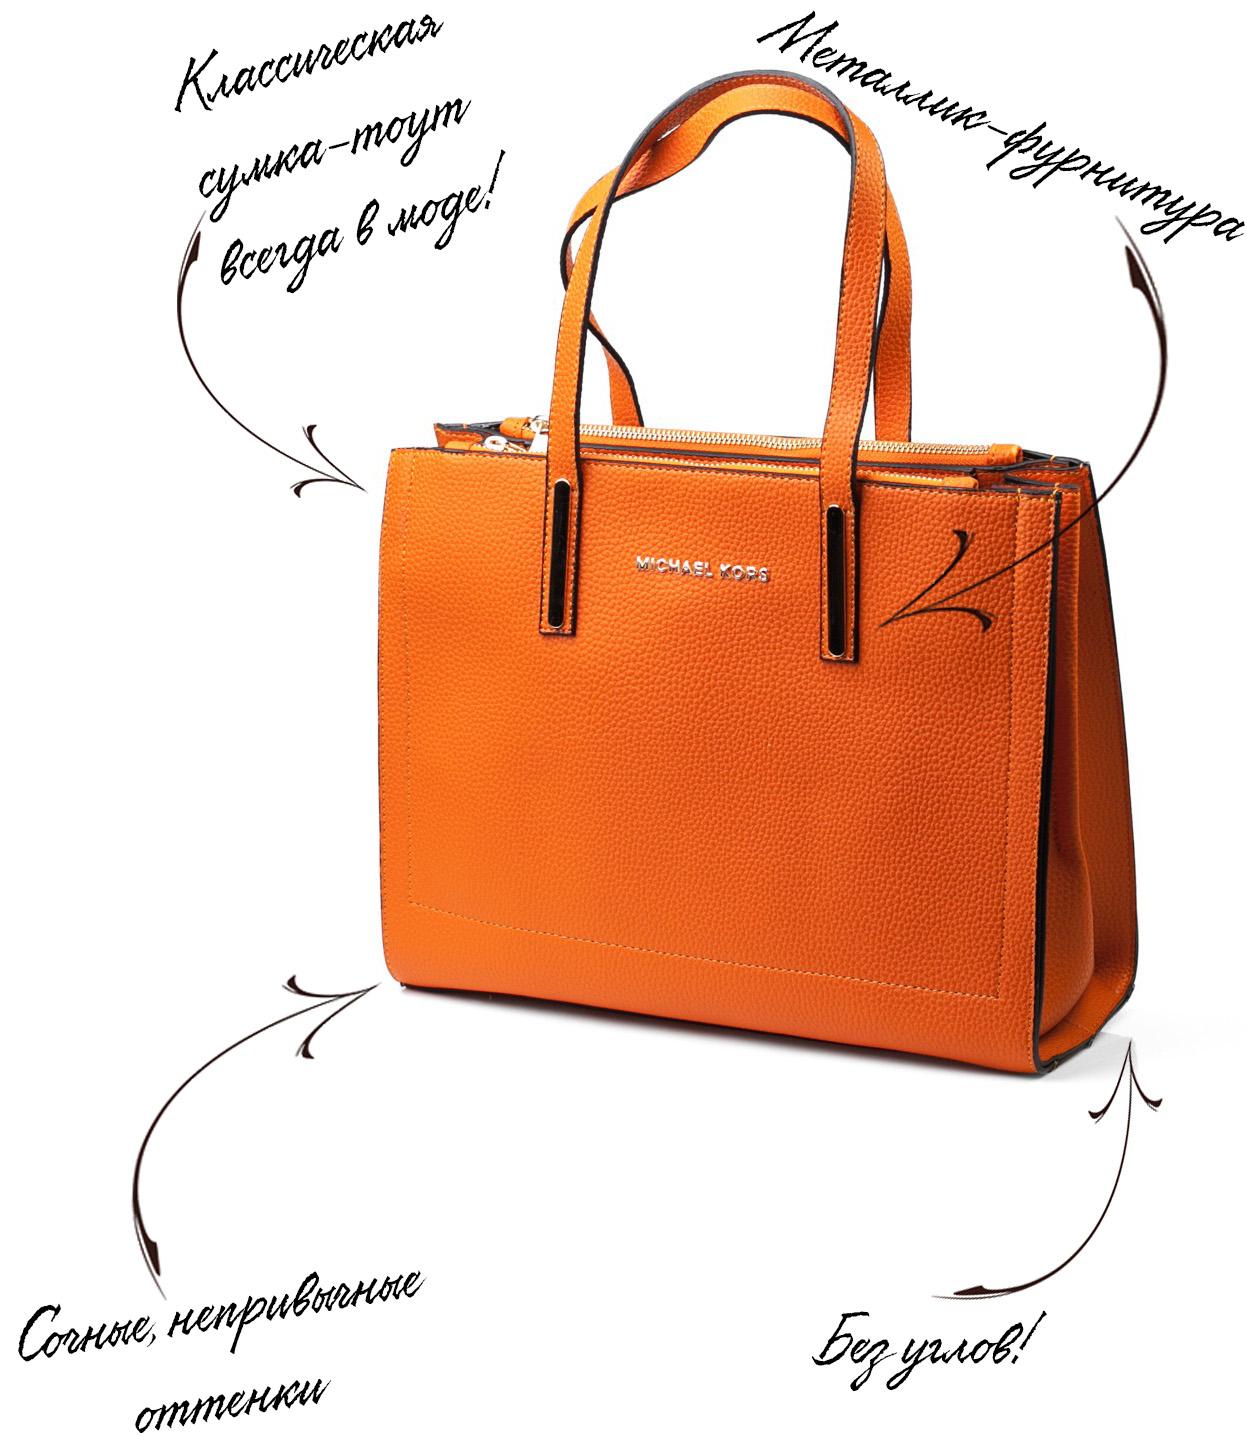 f2ed103b7031 Женские сумки   Как выбрать, по каким критериям оценивать